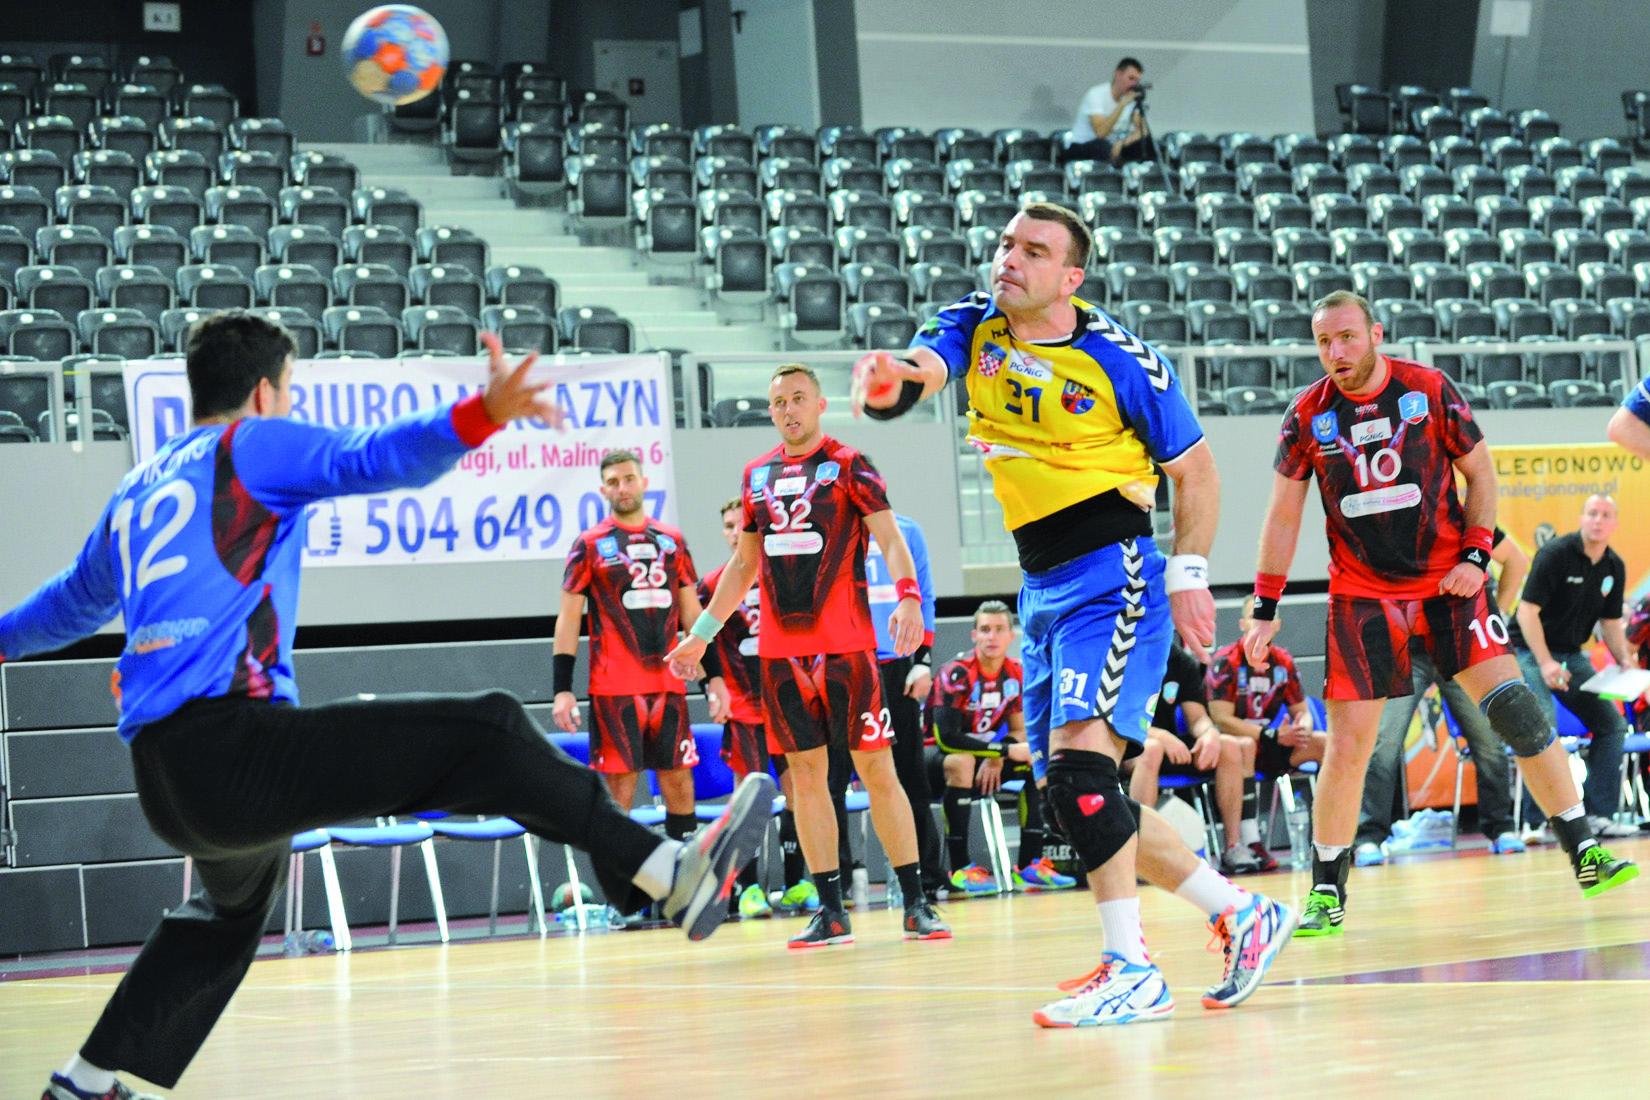 """Reprezentacyjny kołowy Bartosz Jurecki """"swoje"""" bramki w Legionowie strzelił, mimo bardzo dobrej postawie w bramce Tomisłava Stojkovicia."""